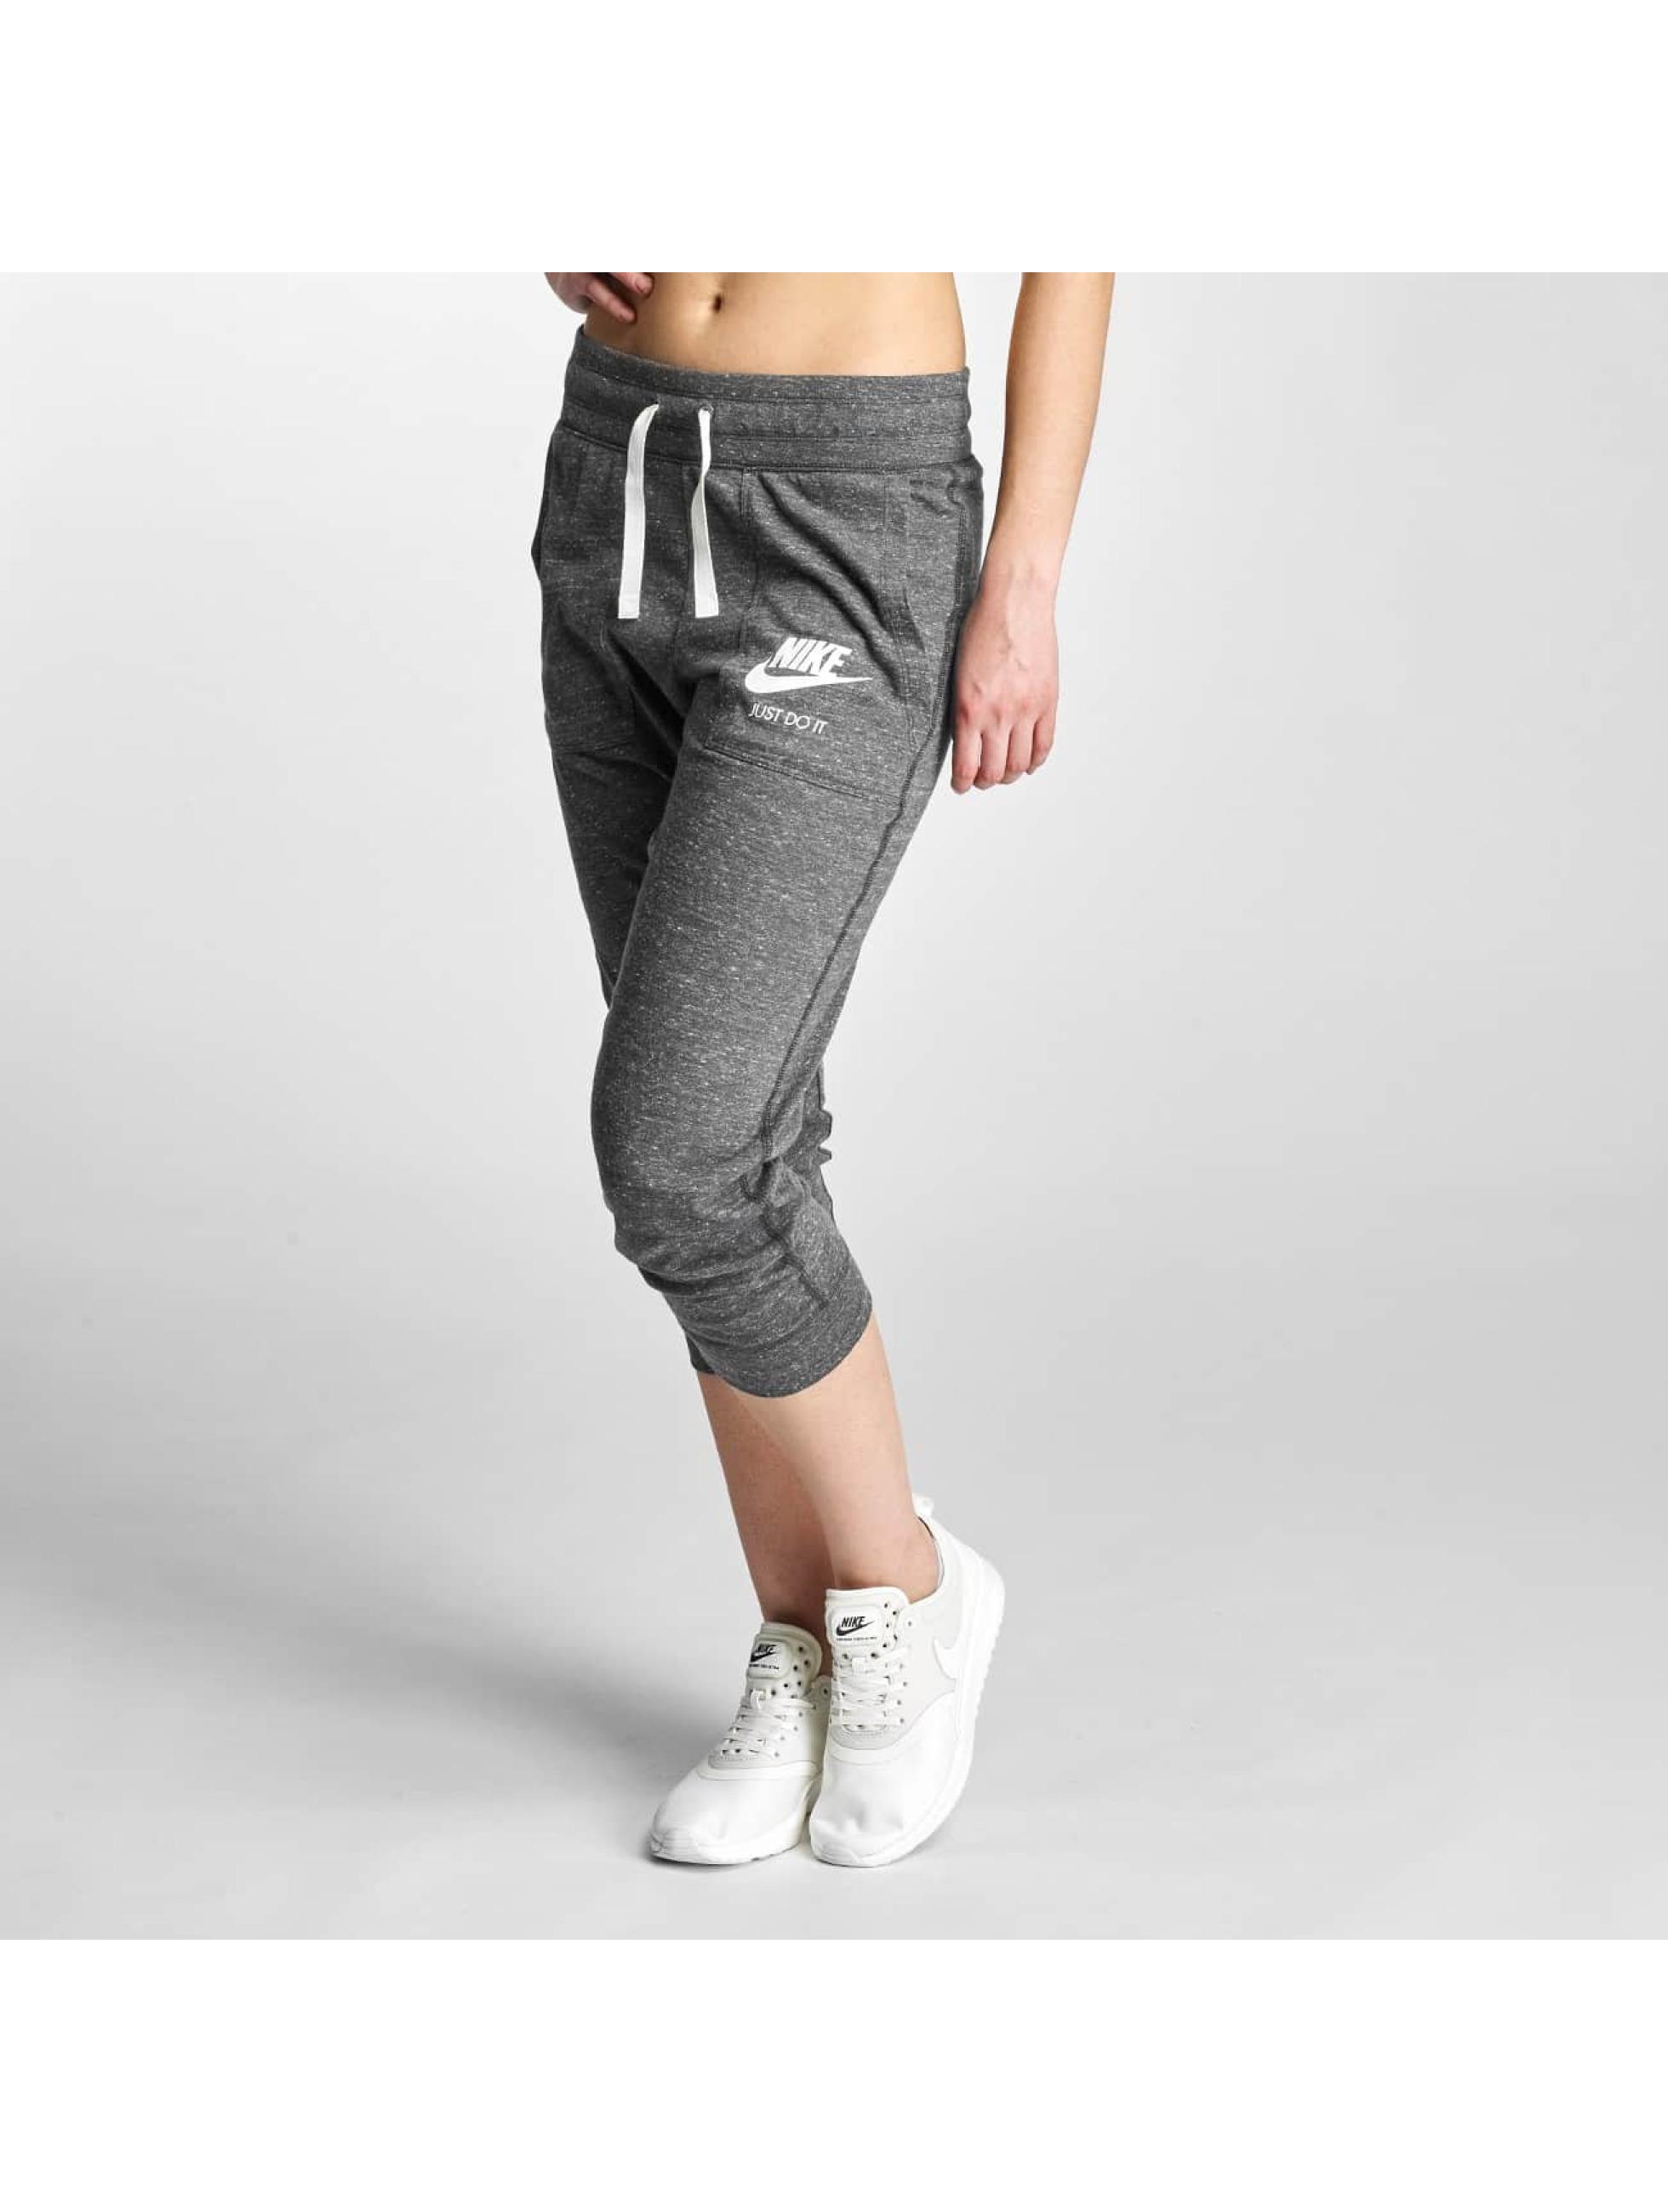 nike damen jogginghose gym vintage in grau 308434. Black Bedroom Furniture Sets. Home Design Ideas